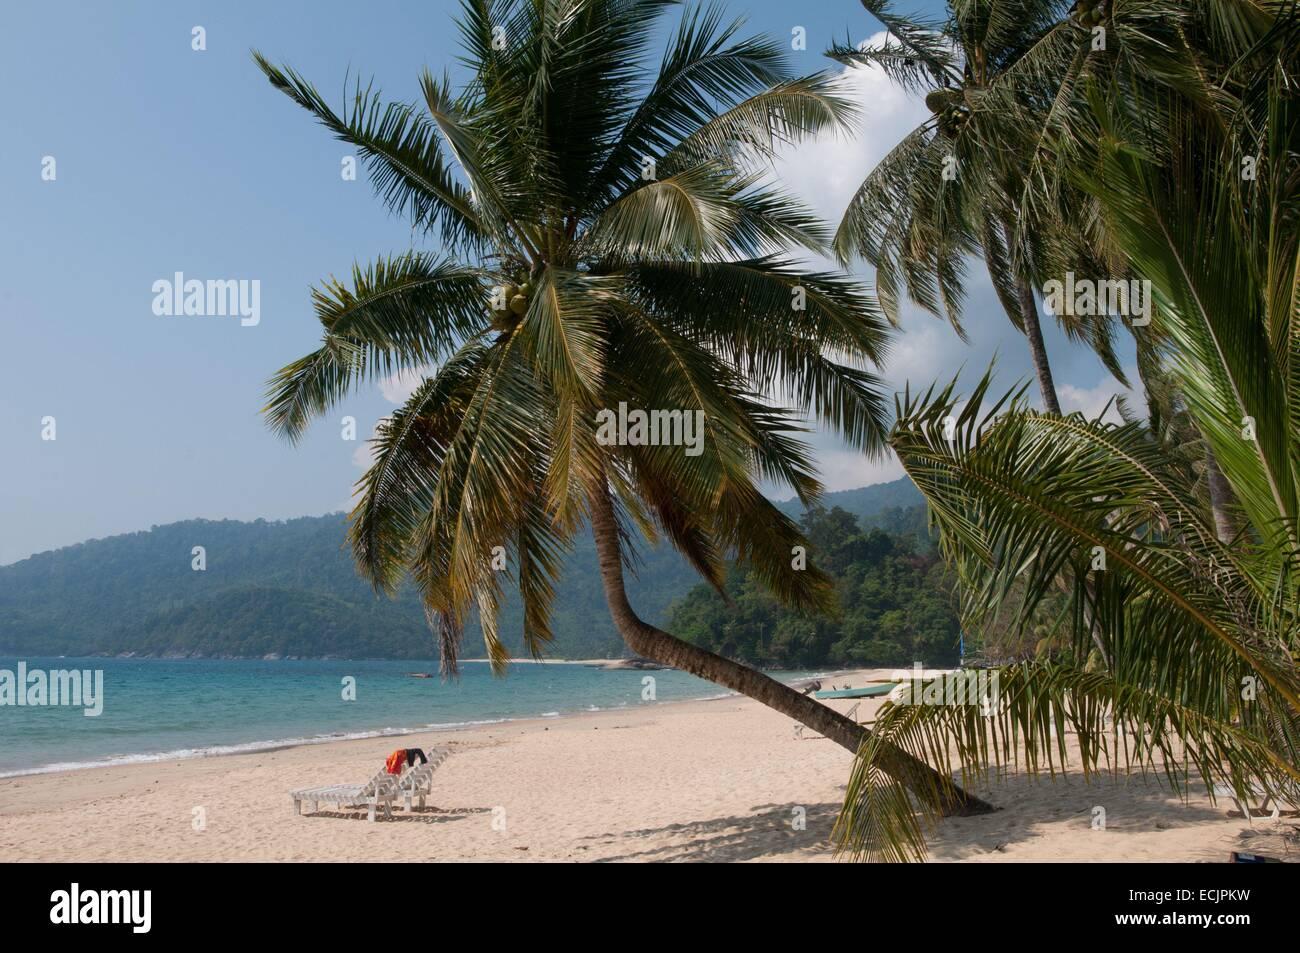 Malasia, en el estado de Pahang, la isla de Tioman, Pulau Tioman, el Mar del Sur de China Local Foto de stock